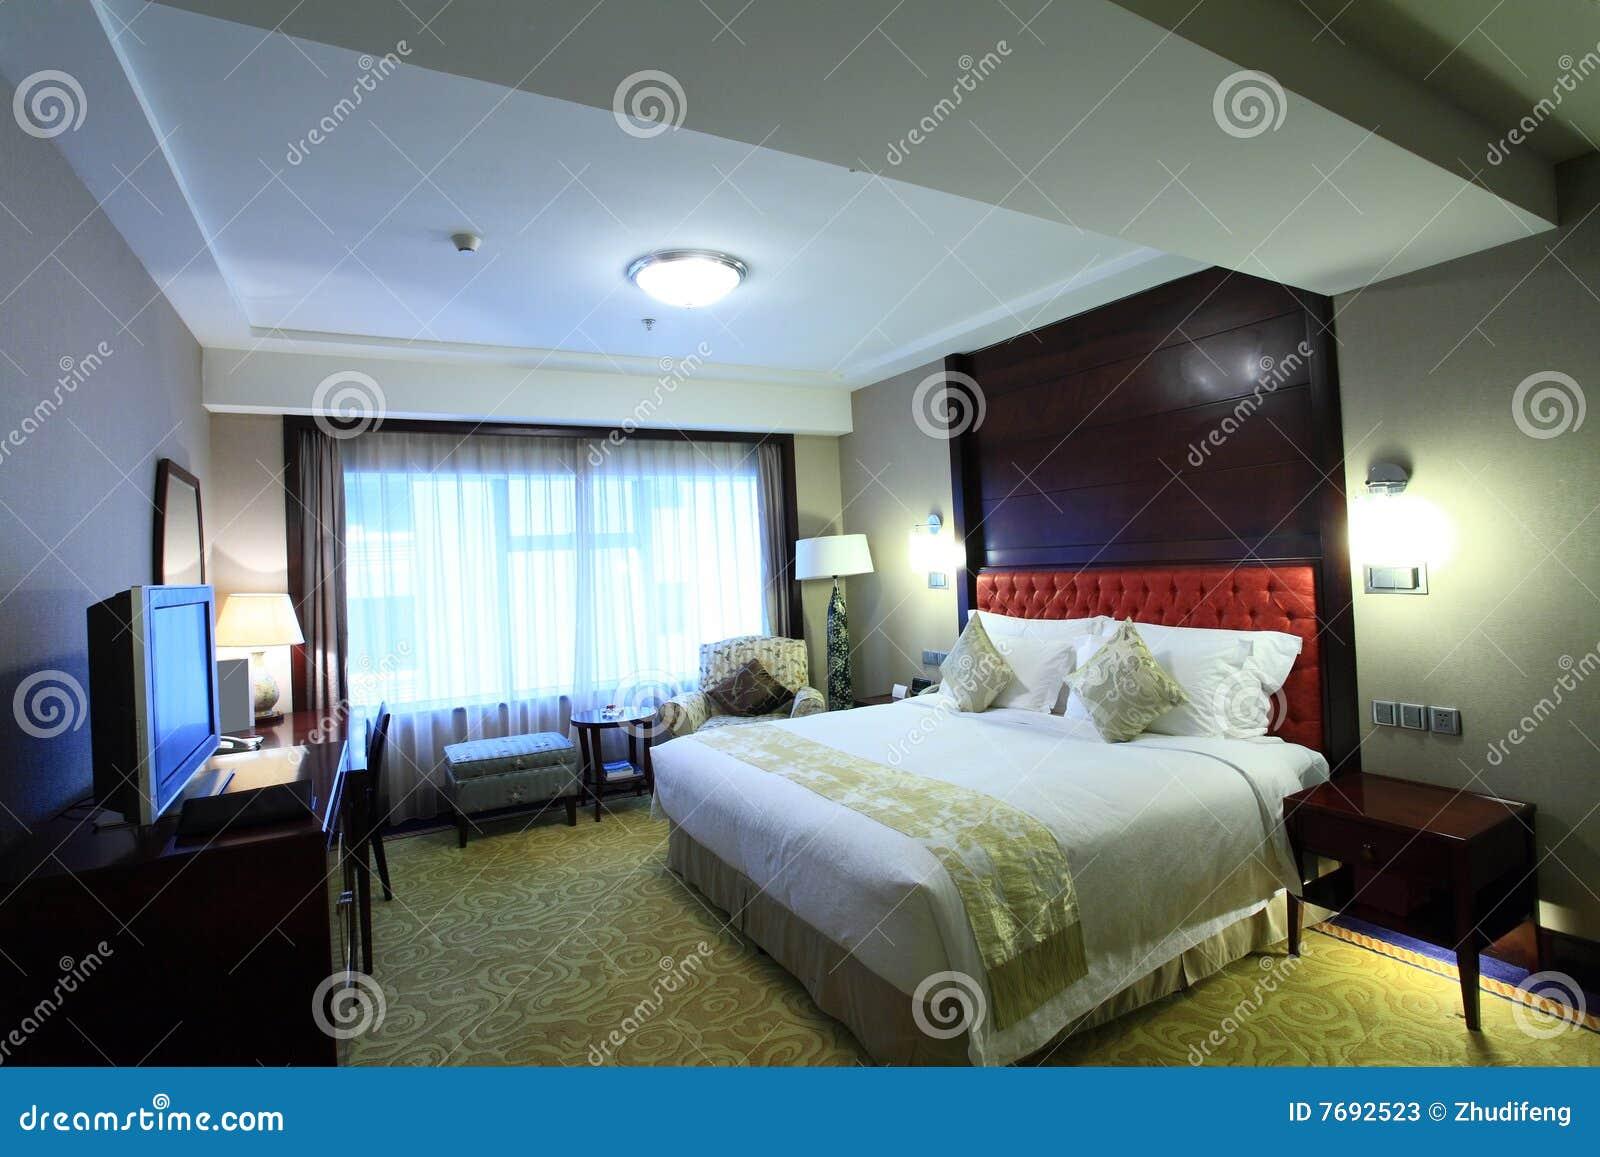 Best Bett Im Wohnzimmer Gallery - Farbideen fürs Wohnzimmer ...